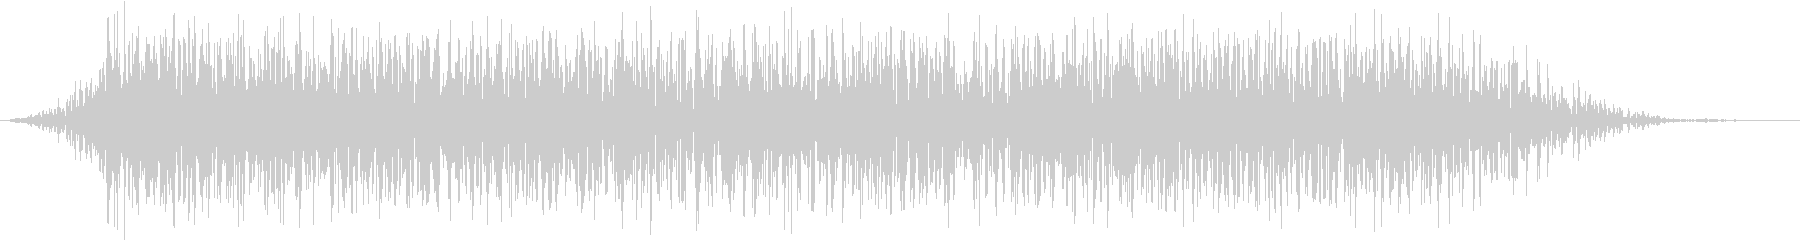 モンスター 悲鳴 50の未再生の波形